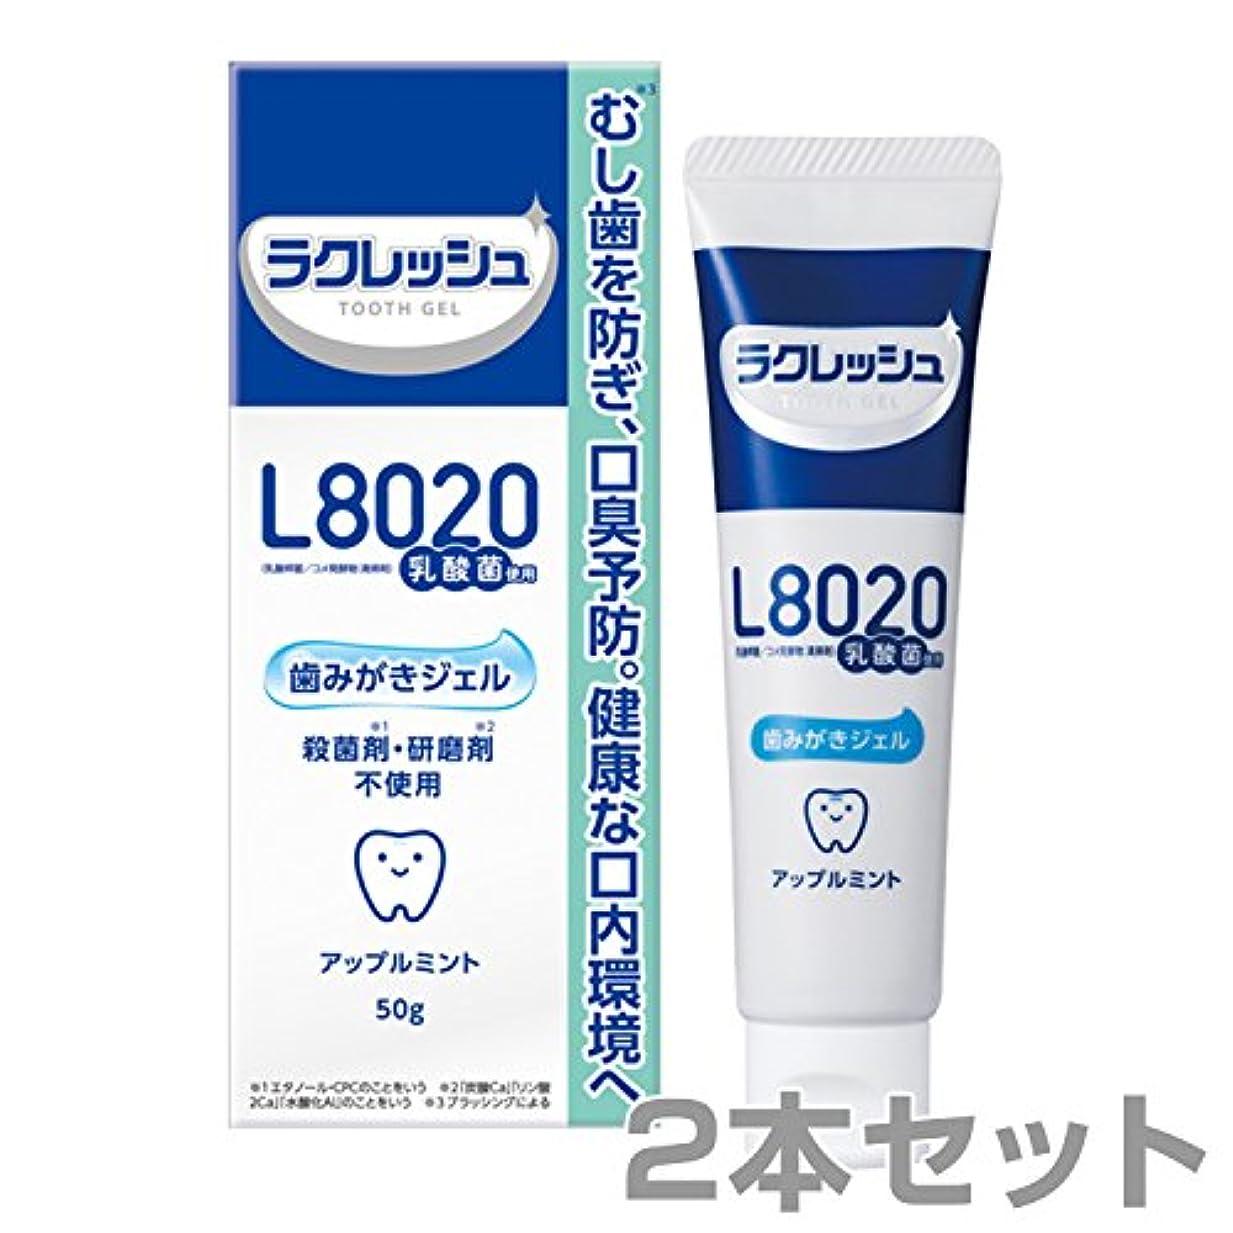 口述反発波紋ジェクス(JEX) ラクレッシュ L8020 乳酸菌 歯みがきジェル (50g) 2本セット アップルミント風味